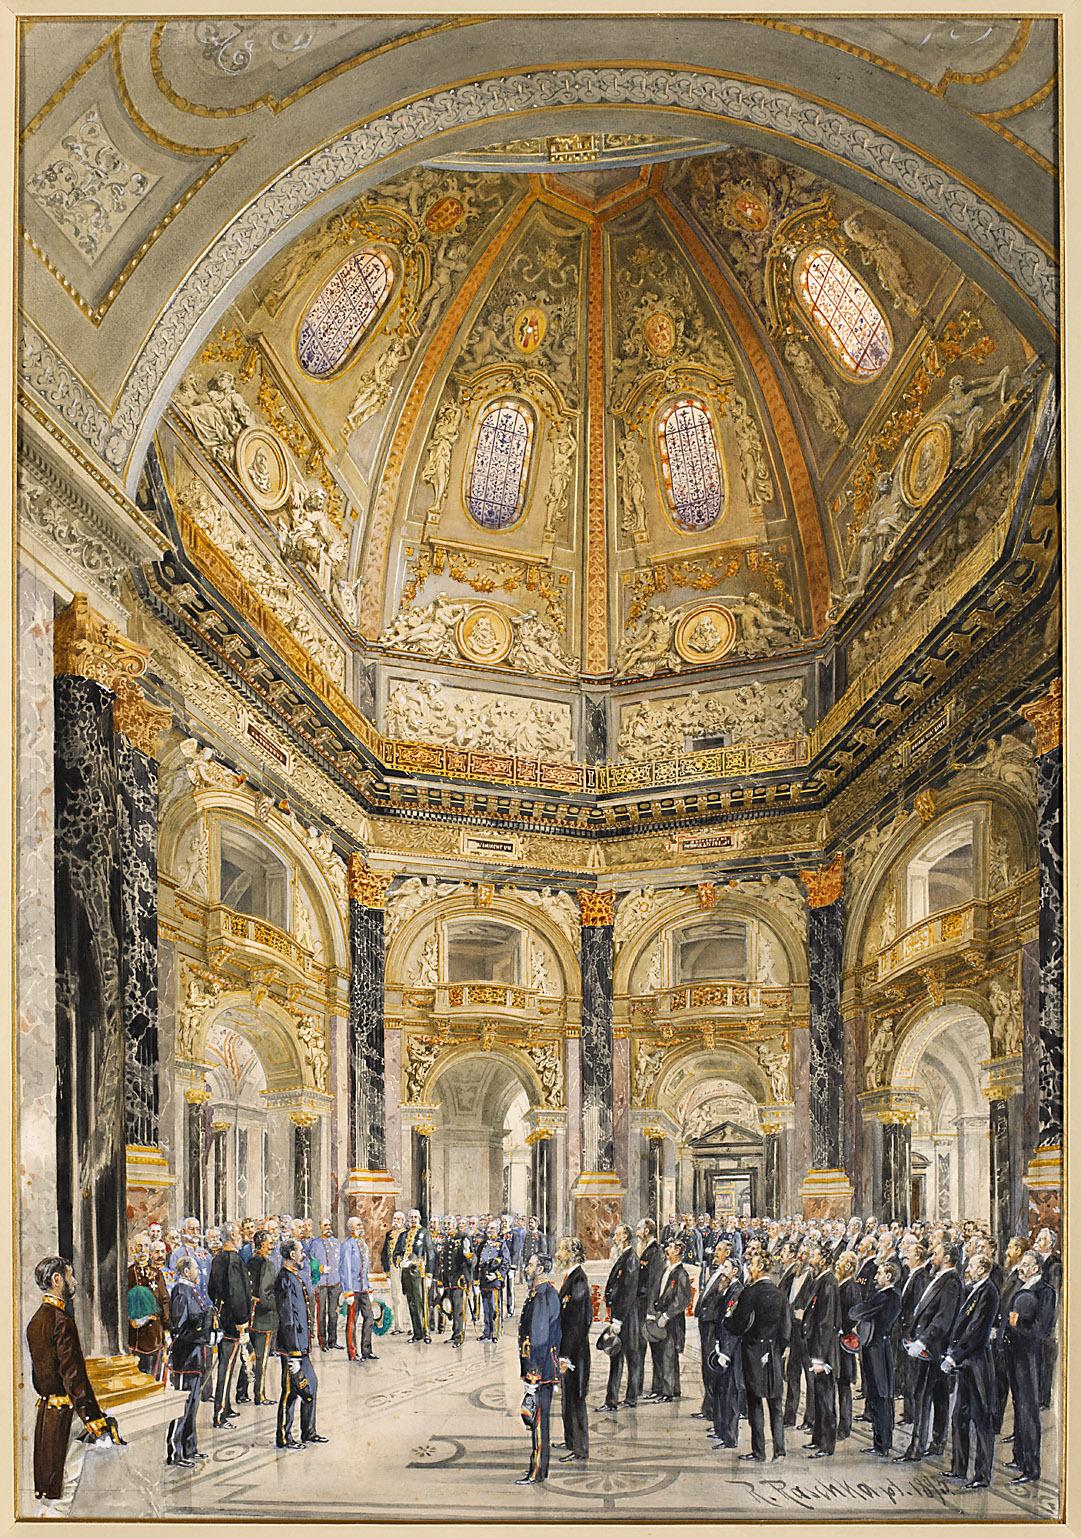 Die Eröffnung des Kunsthistorischen Museums durch Kaiser Franz Joseph I. am 17.10.1891 von Robert Raschka